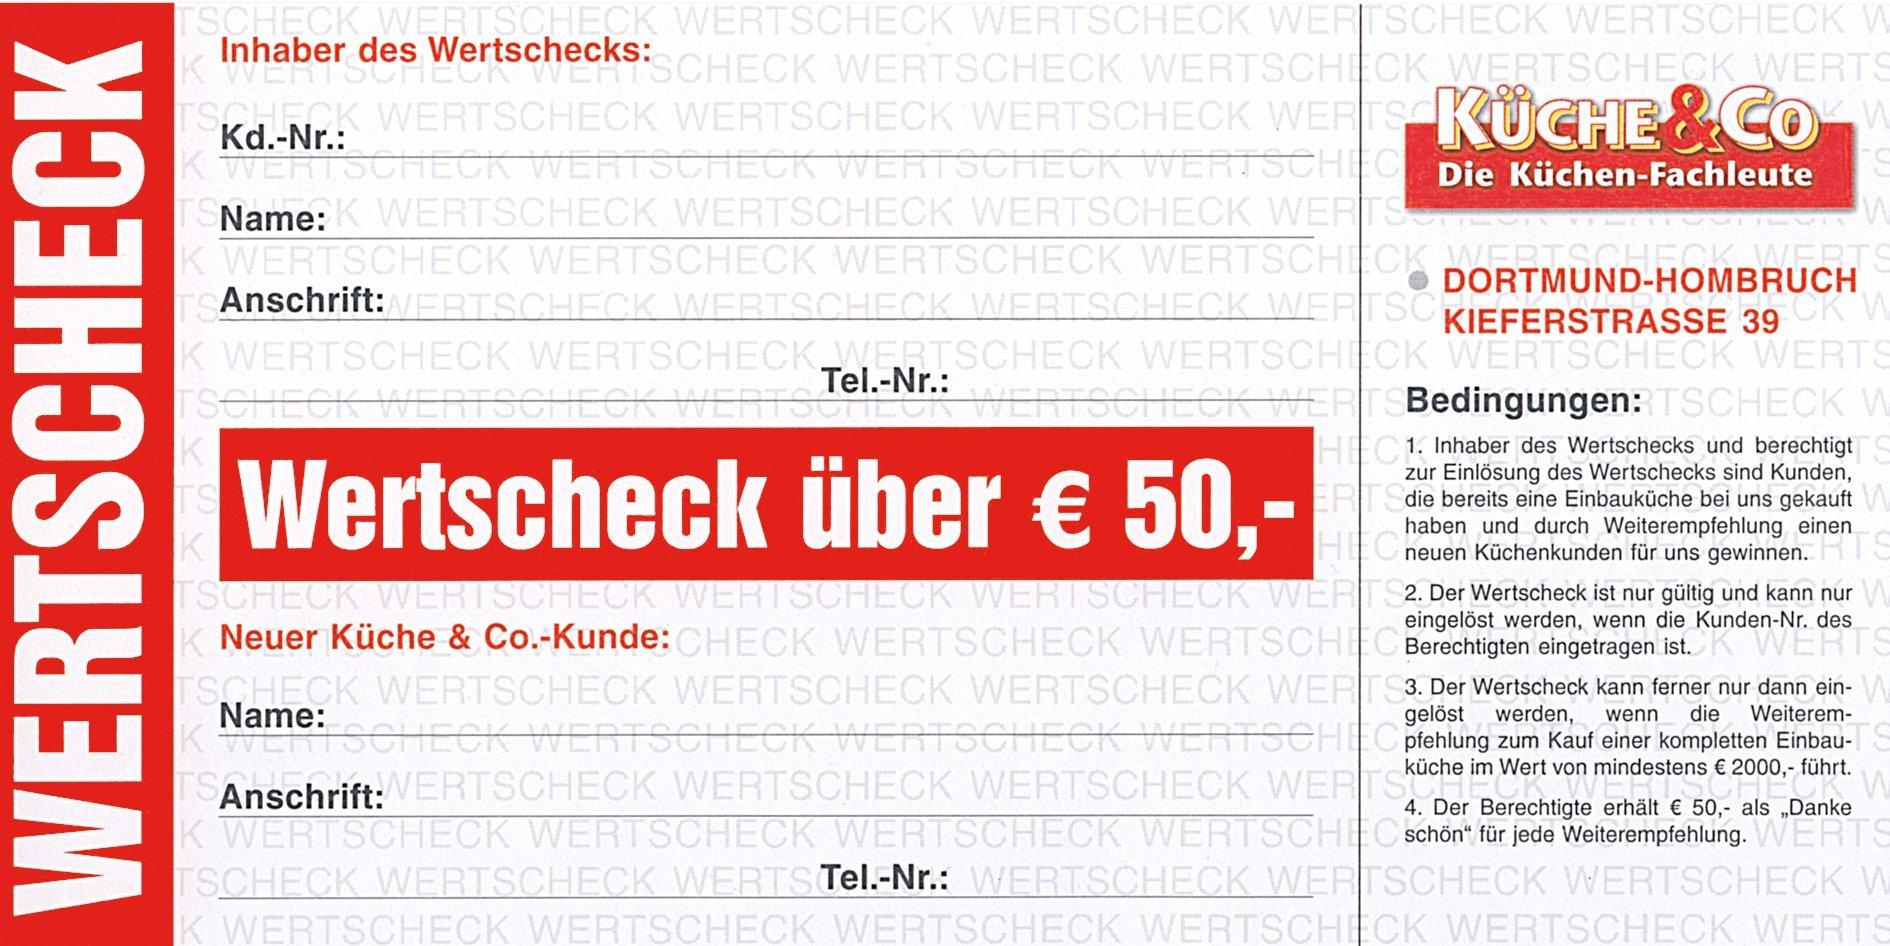 küche & co. - hombrucher sv 09/72 e.v.